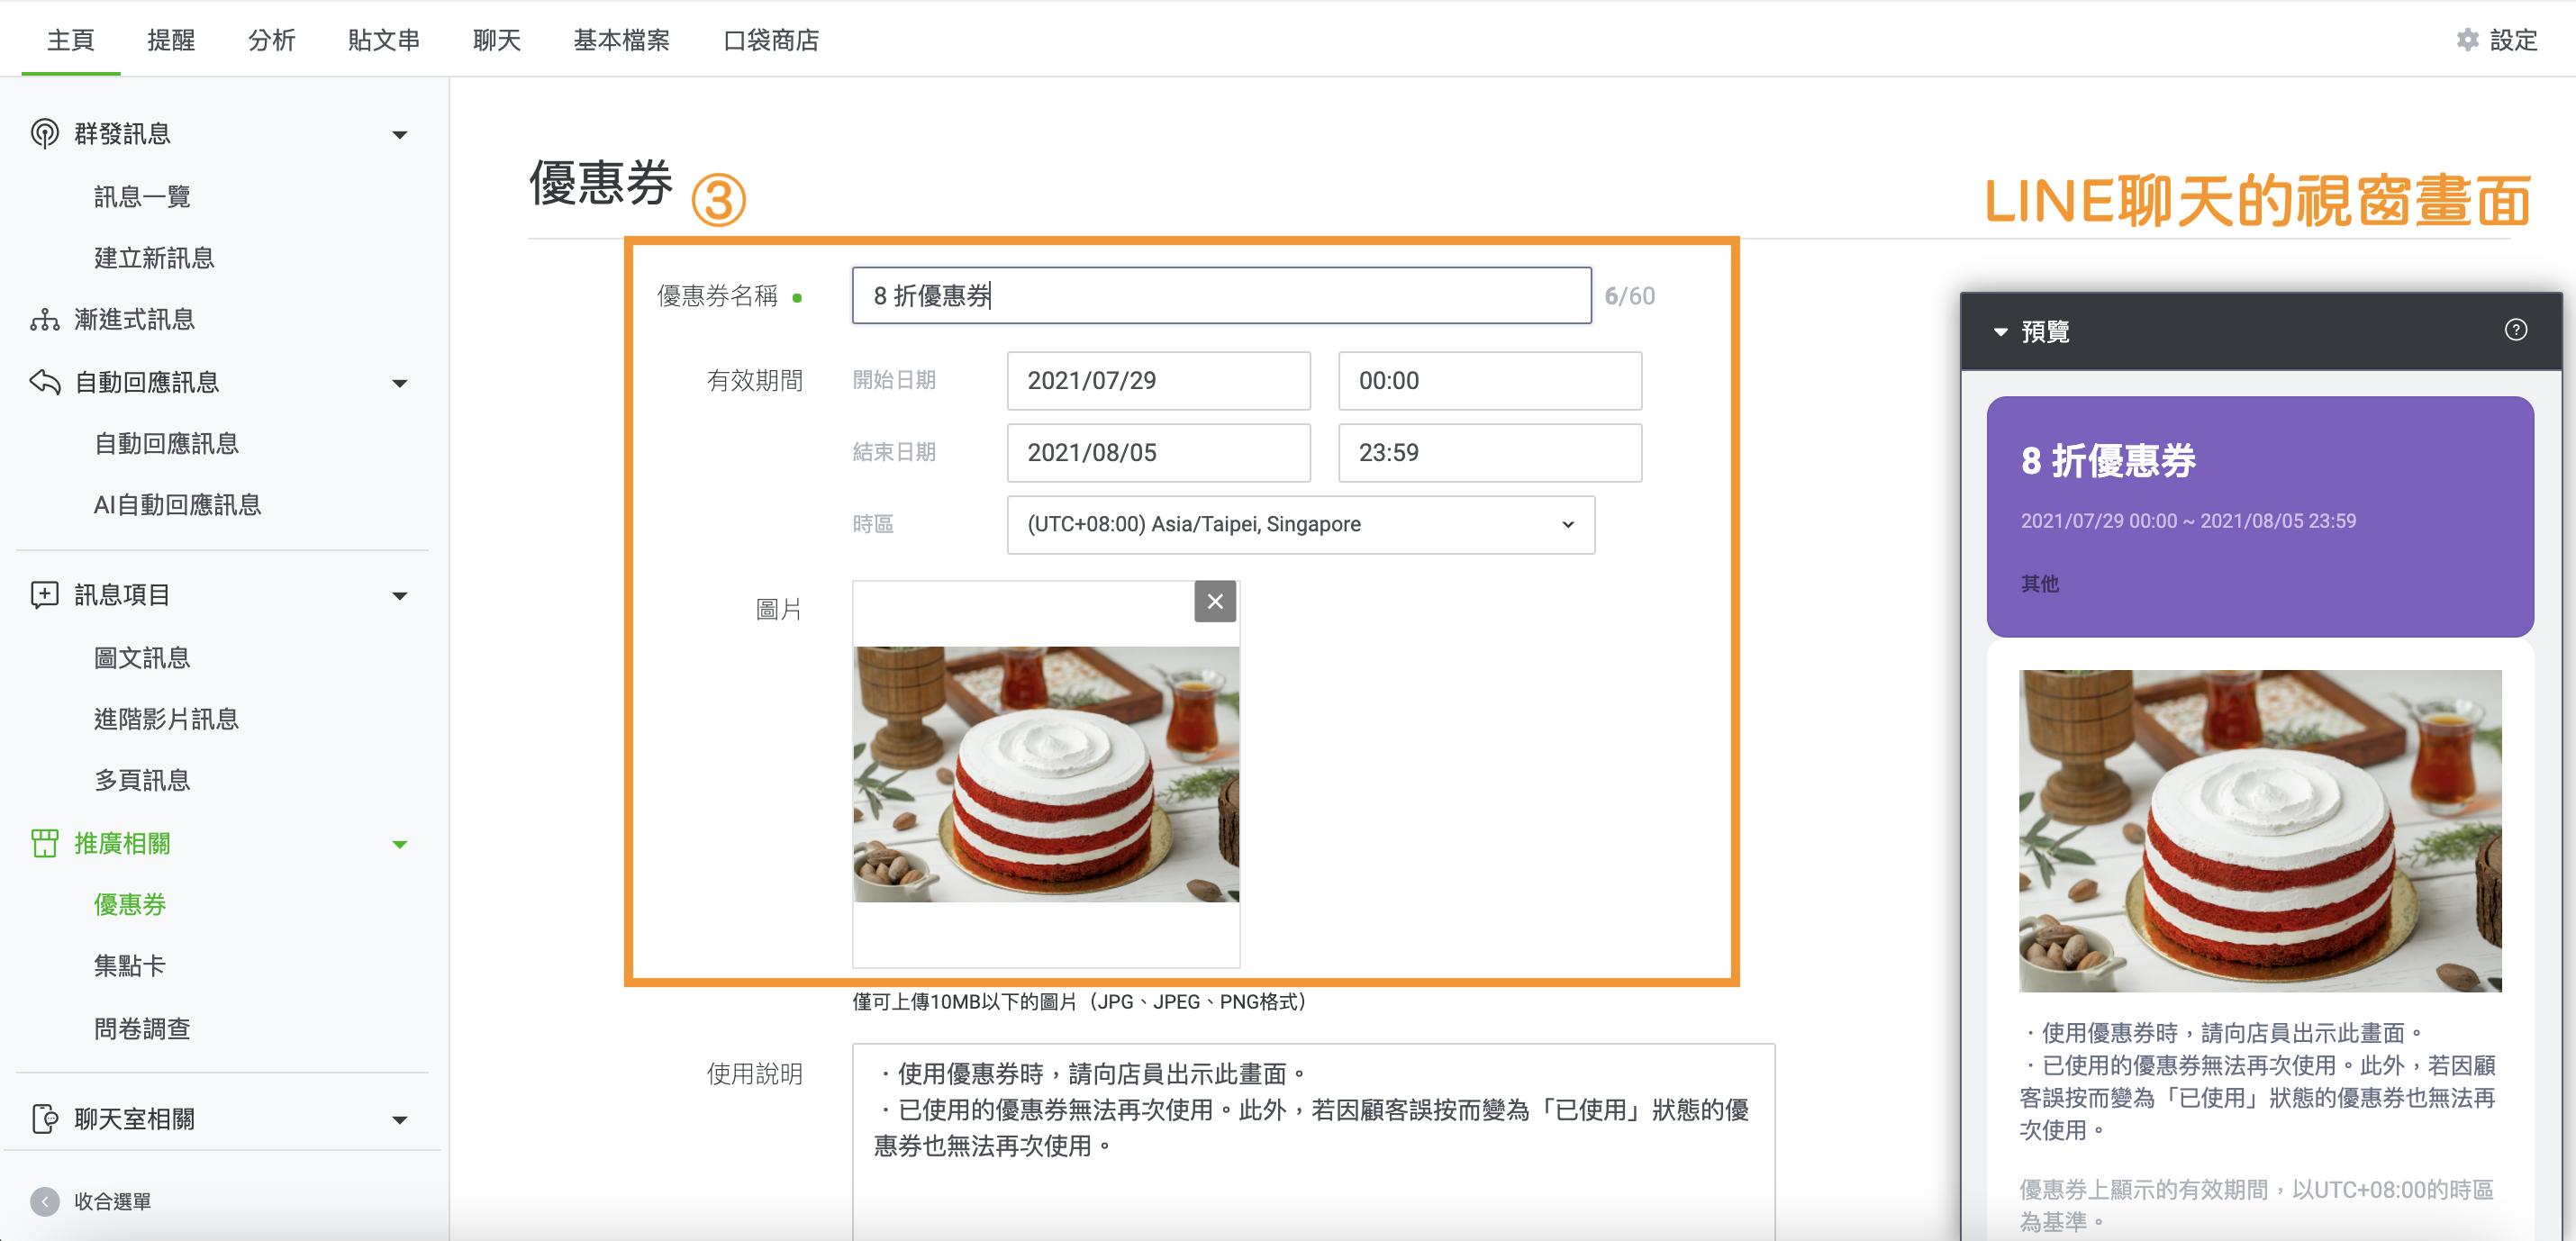 在LINE官方帳號管理後台可詳細設定優惠券內容及查看預覽畫面